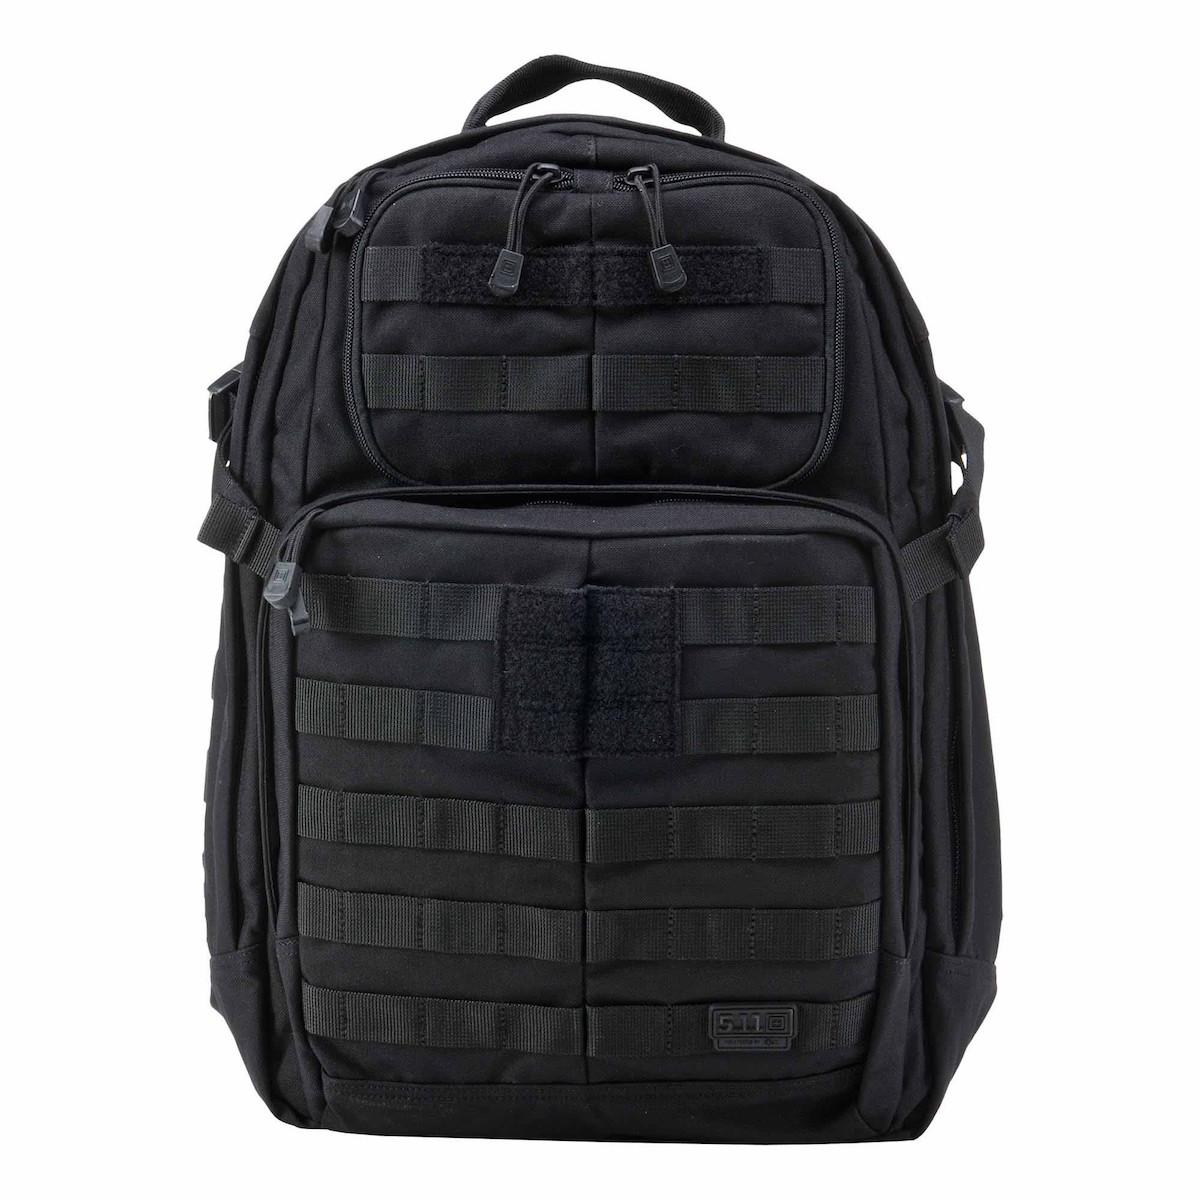 5.11 RUSH24 BACKPACKS タクティカル バックパック 58601 BK